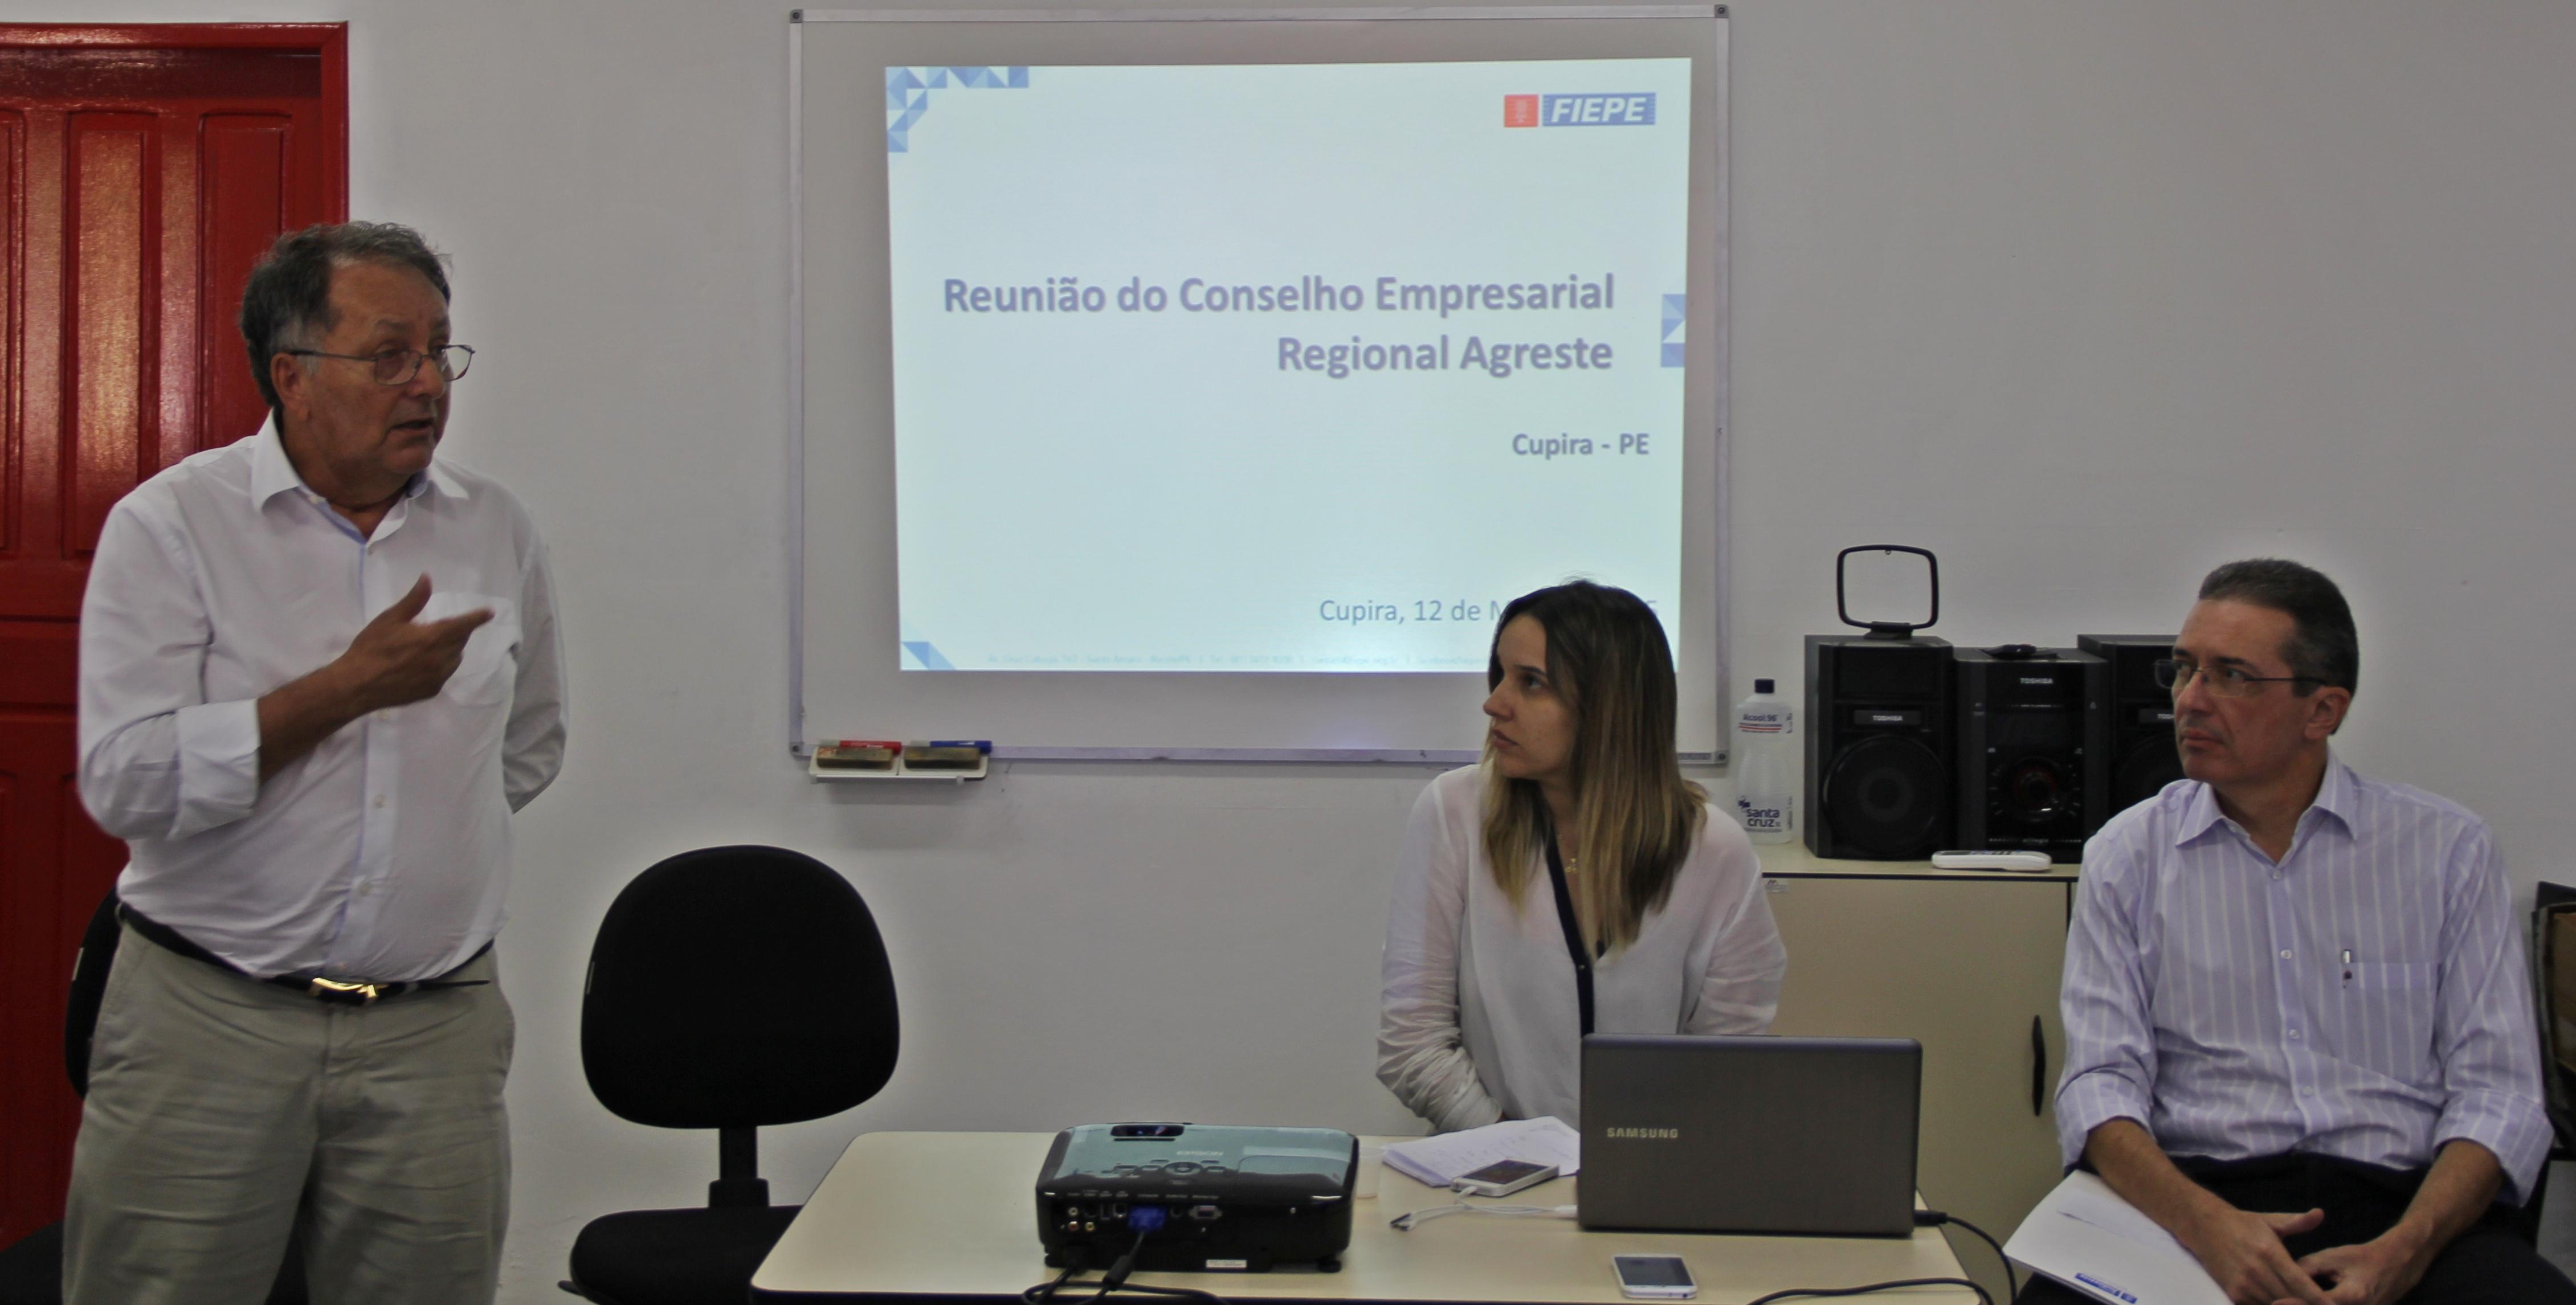 Representantes da FIEPE  na reunião empresarial (Fotos: Adriano Amaro - Ascom/PMC)